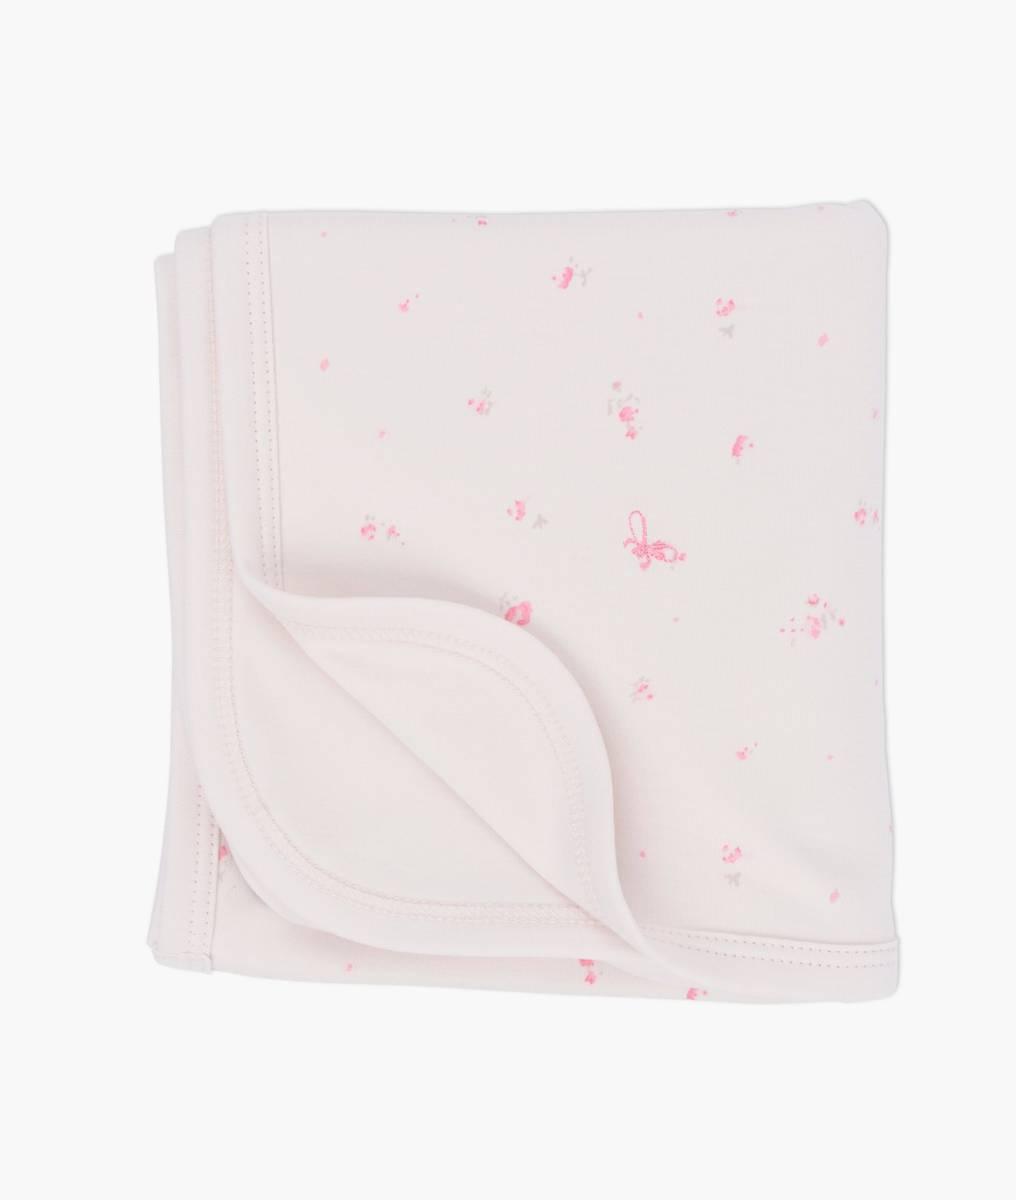 Livly - Blanket rose garden